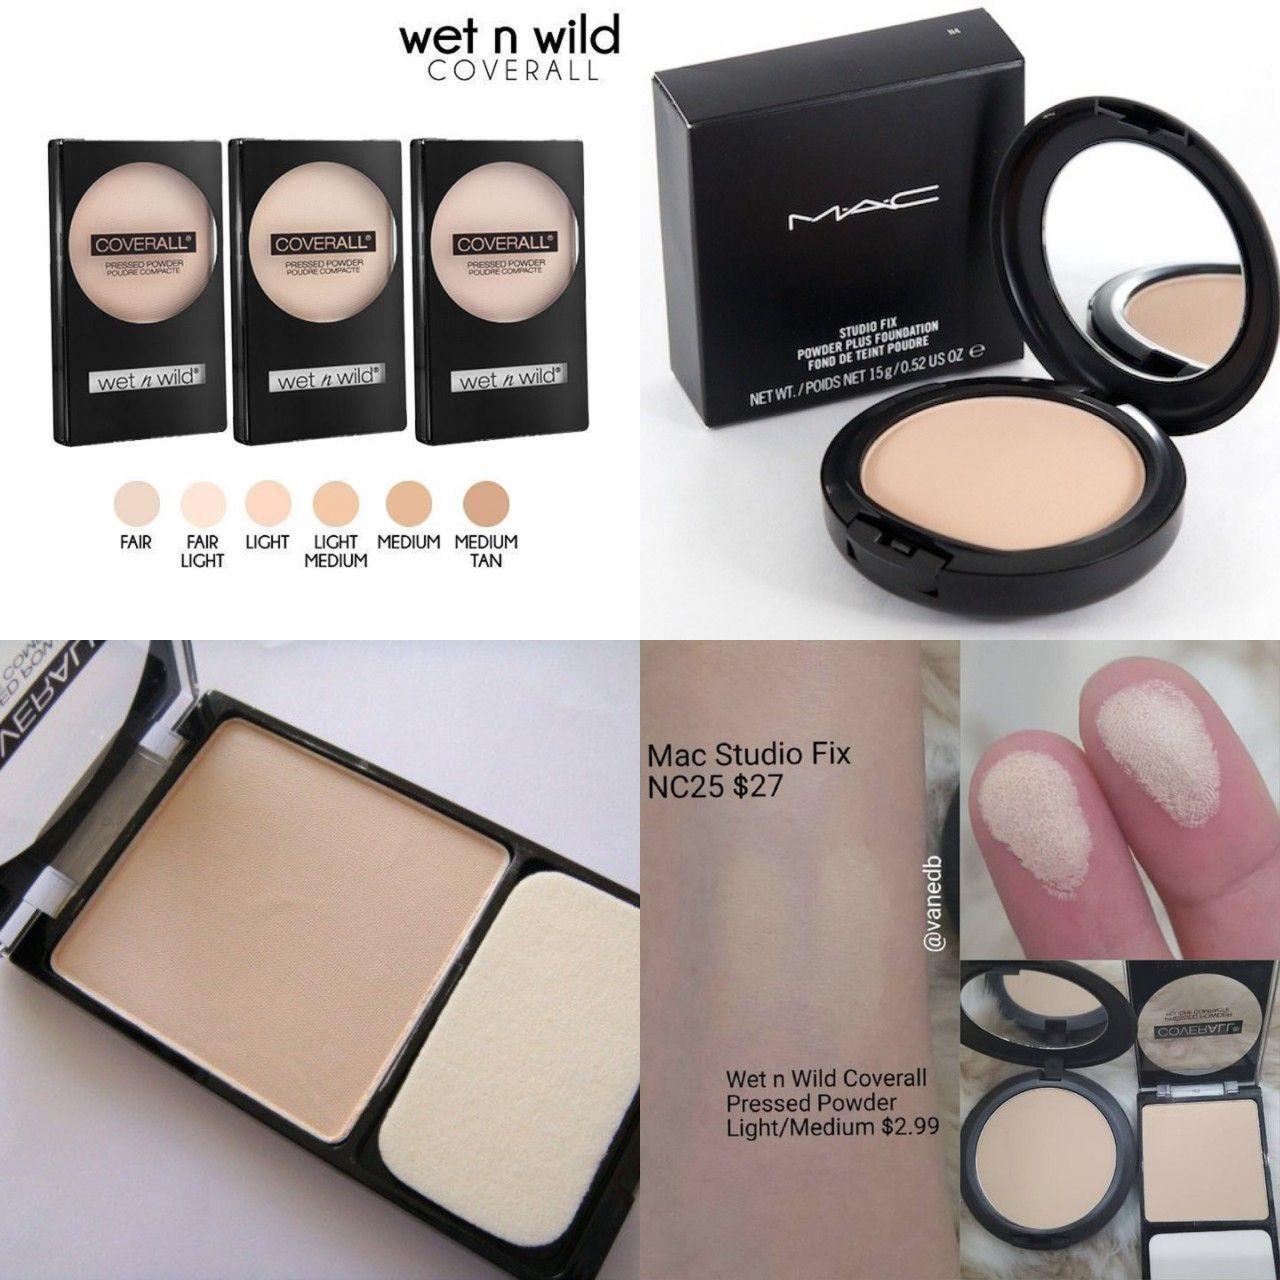 Makeup Similar To Mac Studio Fix Powder Plus Foundation Jidimakeup Com